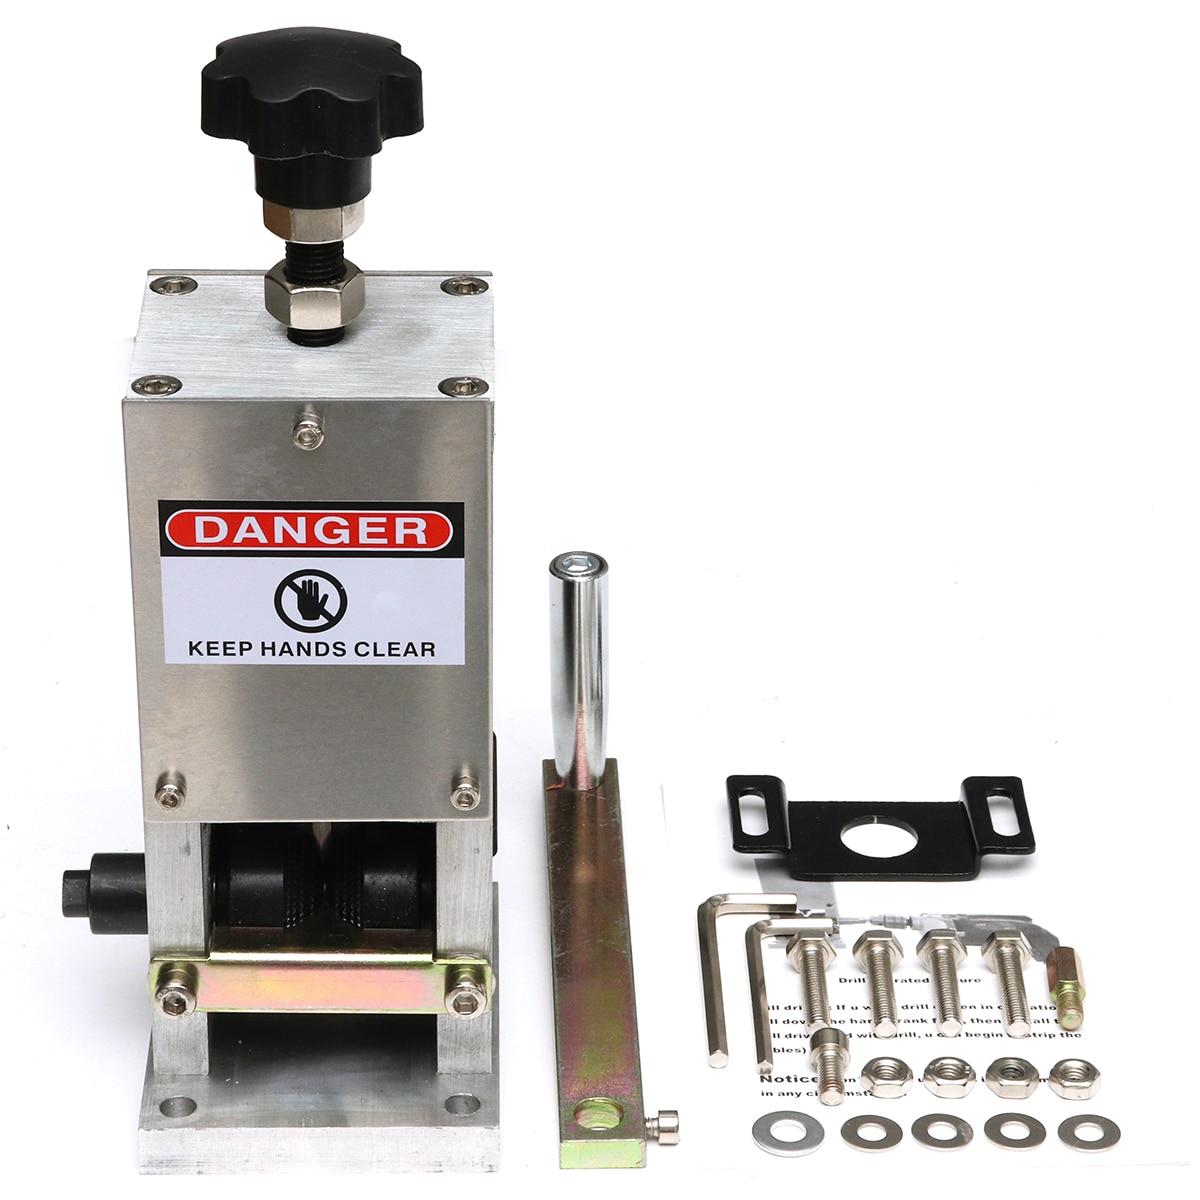 Универсальный ручной кабель обжимной и пилинг машина для металлической проволоки рециркуляции провода для зачистки кабеля